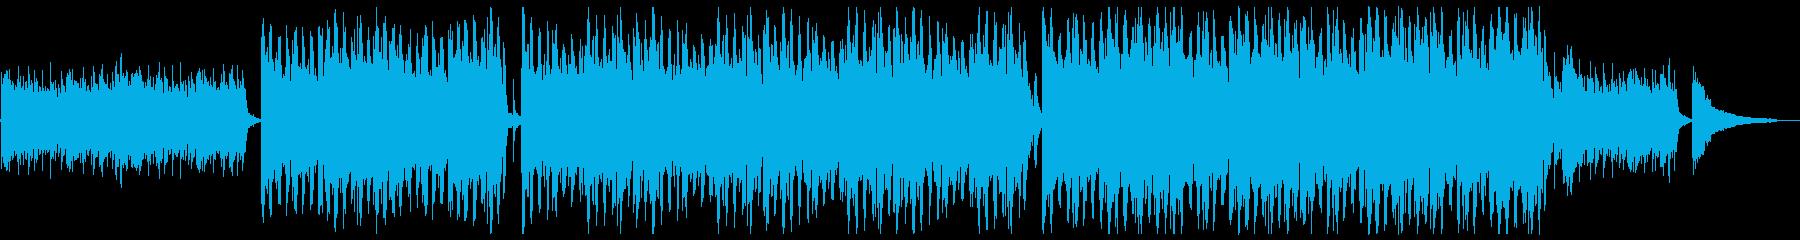 明るくハッピーなバイオリンx1の再生済みの波形